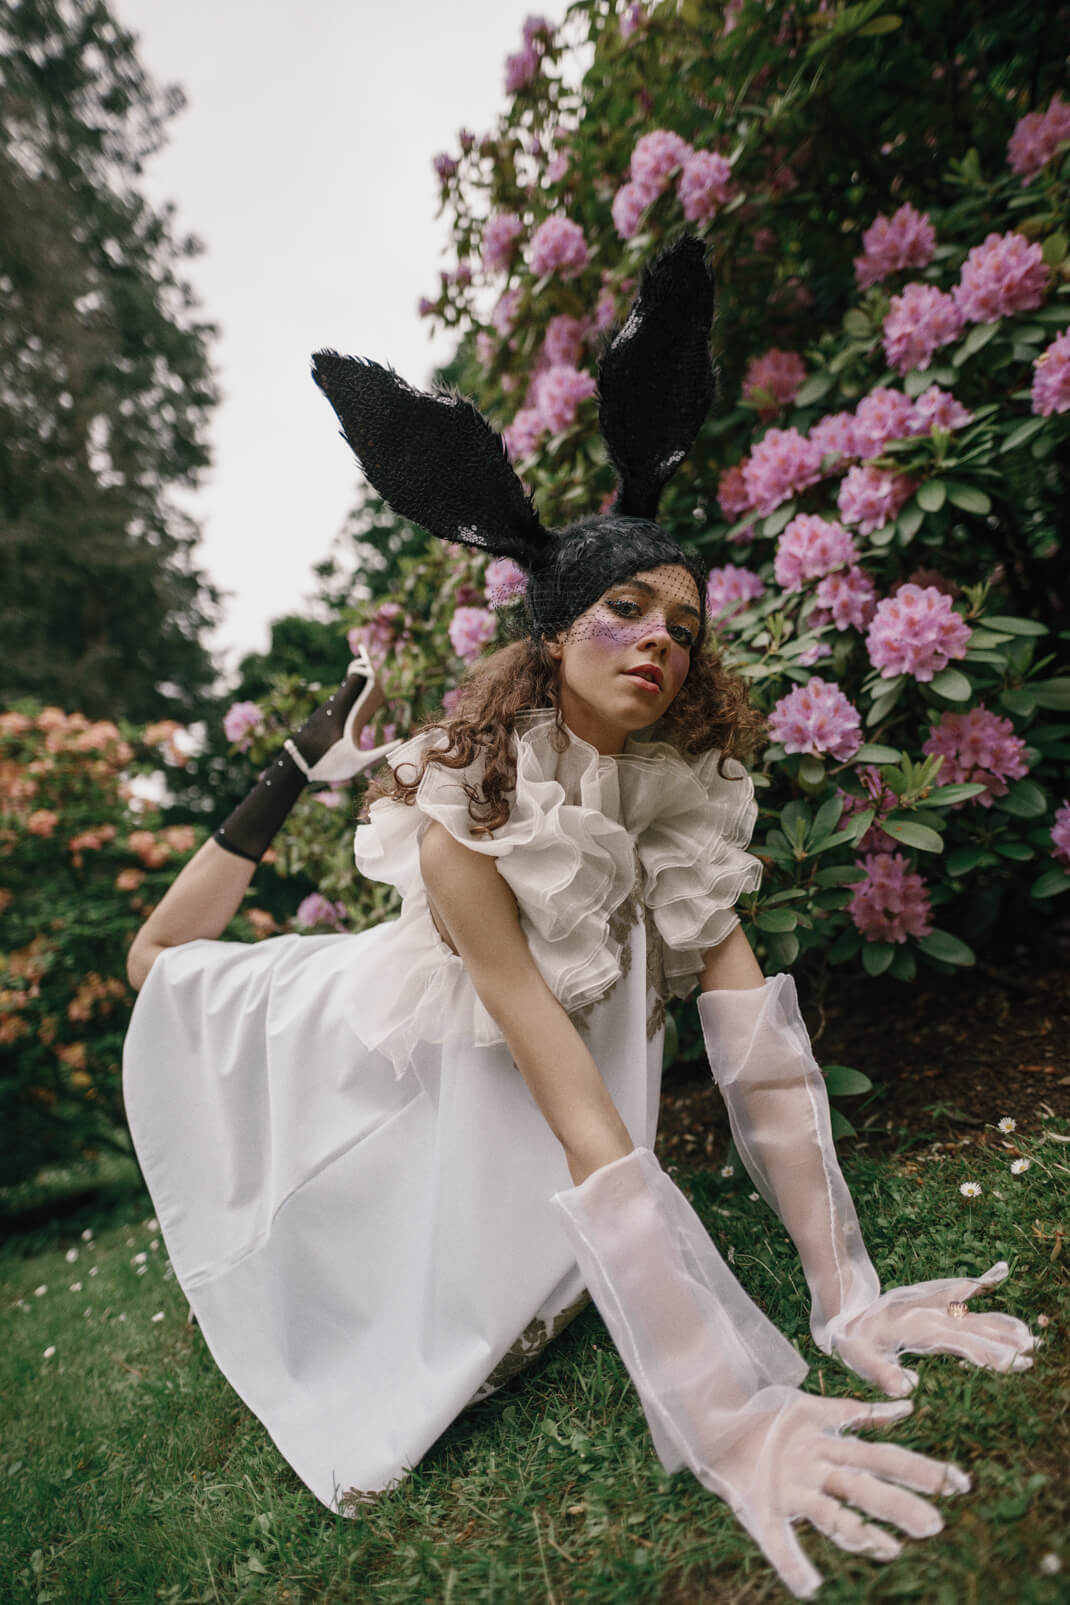 Klaudia in Wonderland modelka Alicja w krainie czarów